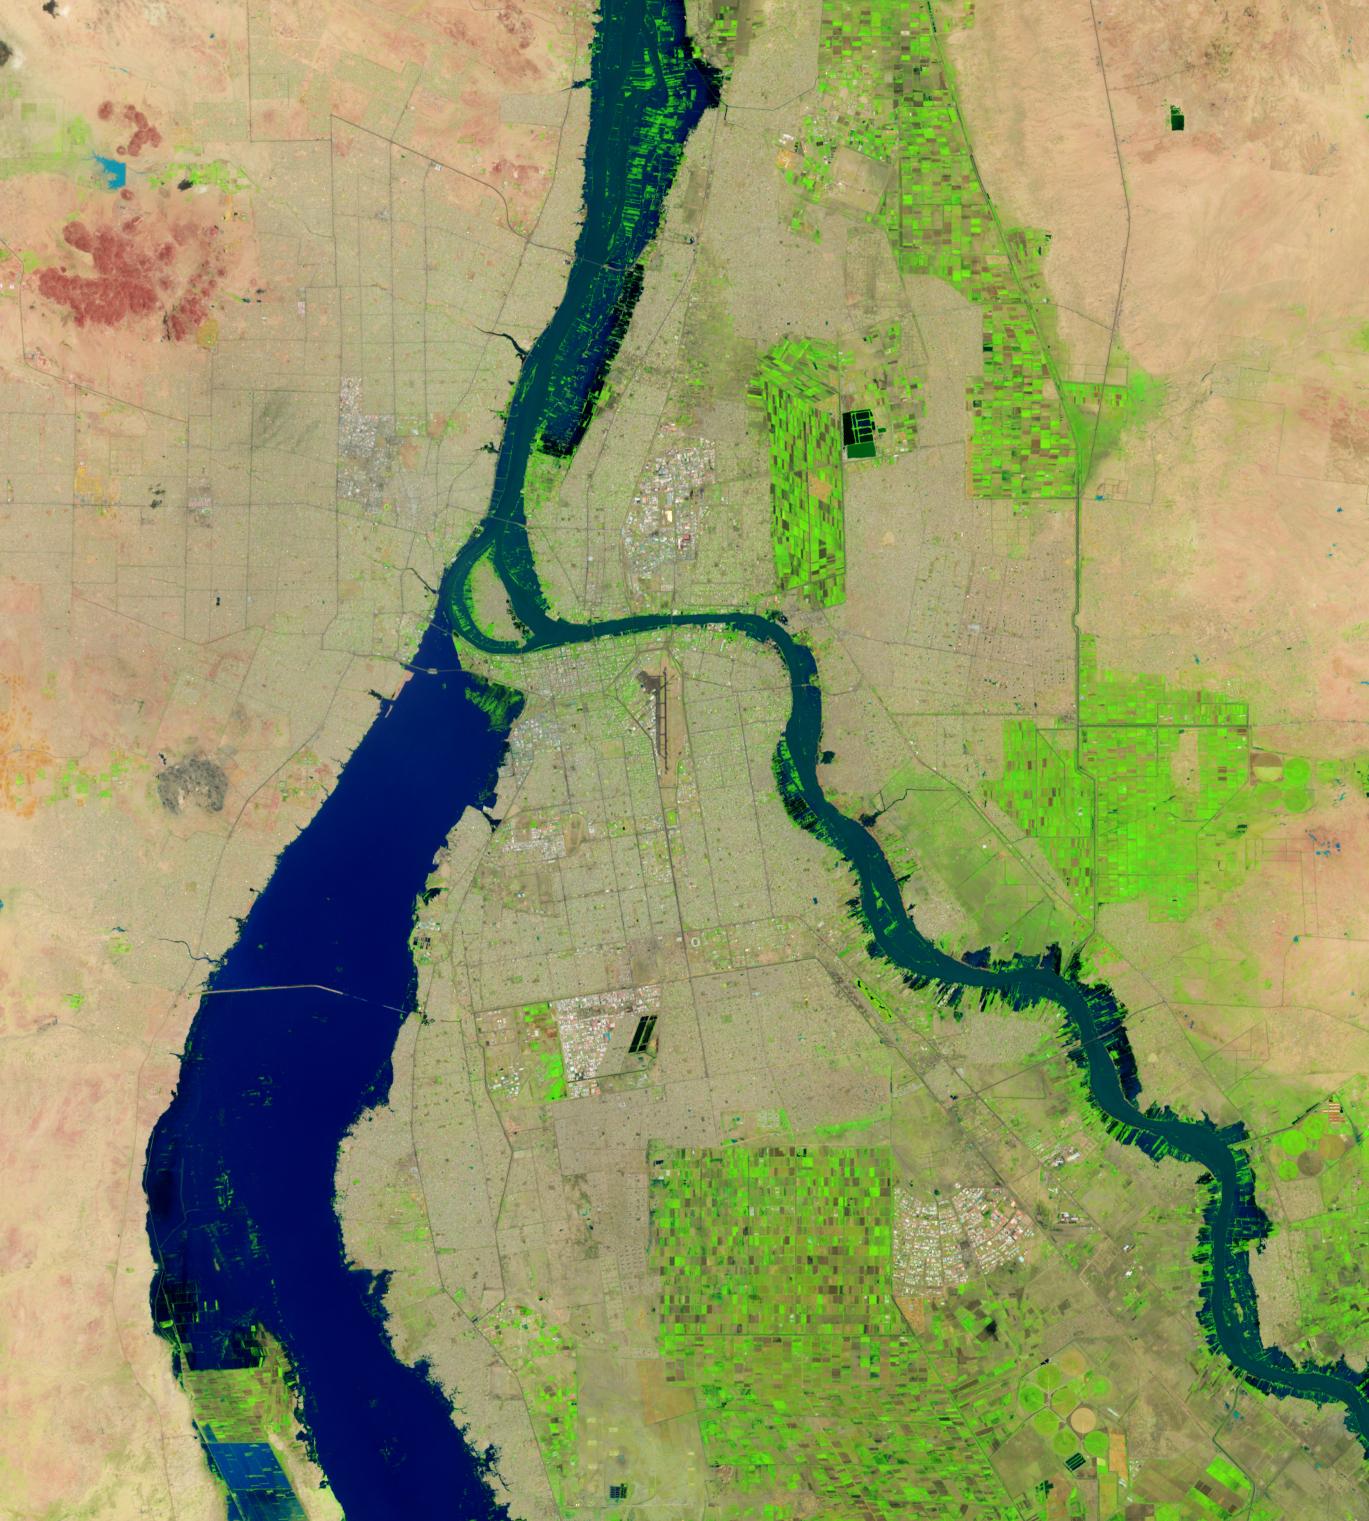 2020 nile flooding